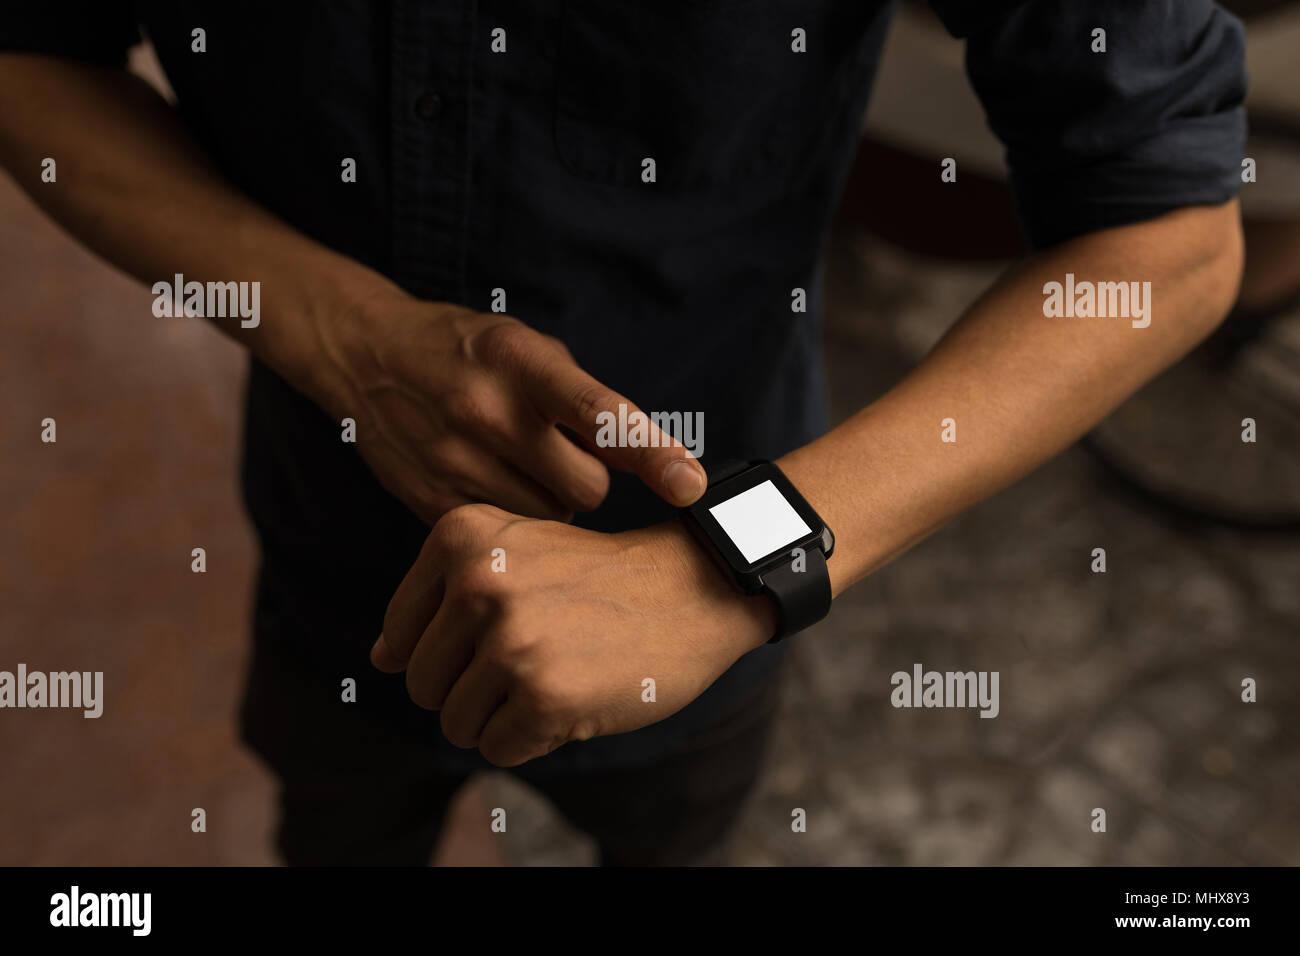 Empresario utilizando smartwatch Imagen De Stock